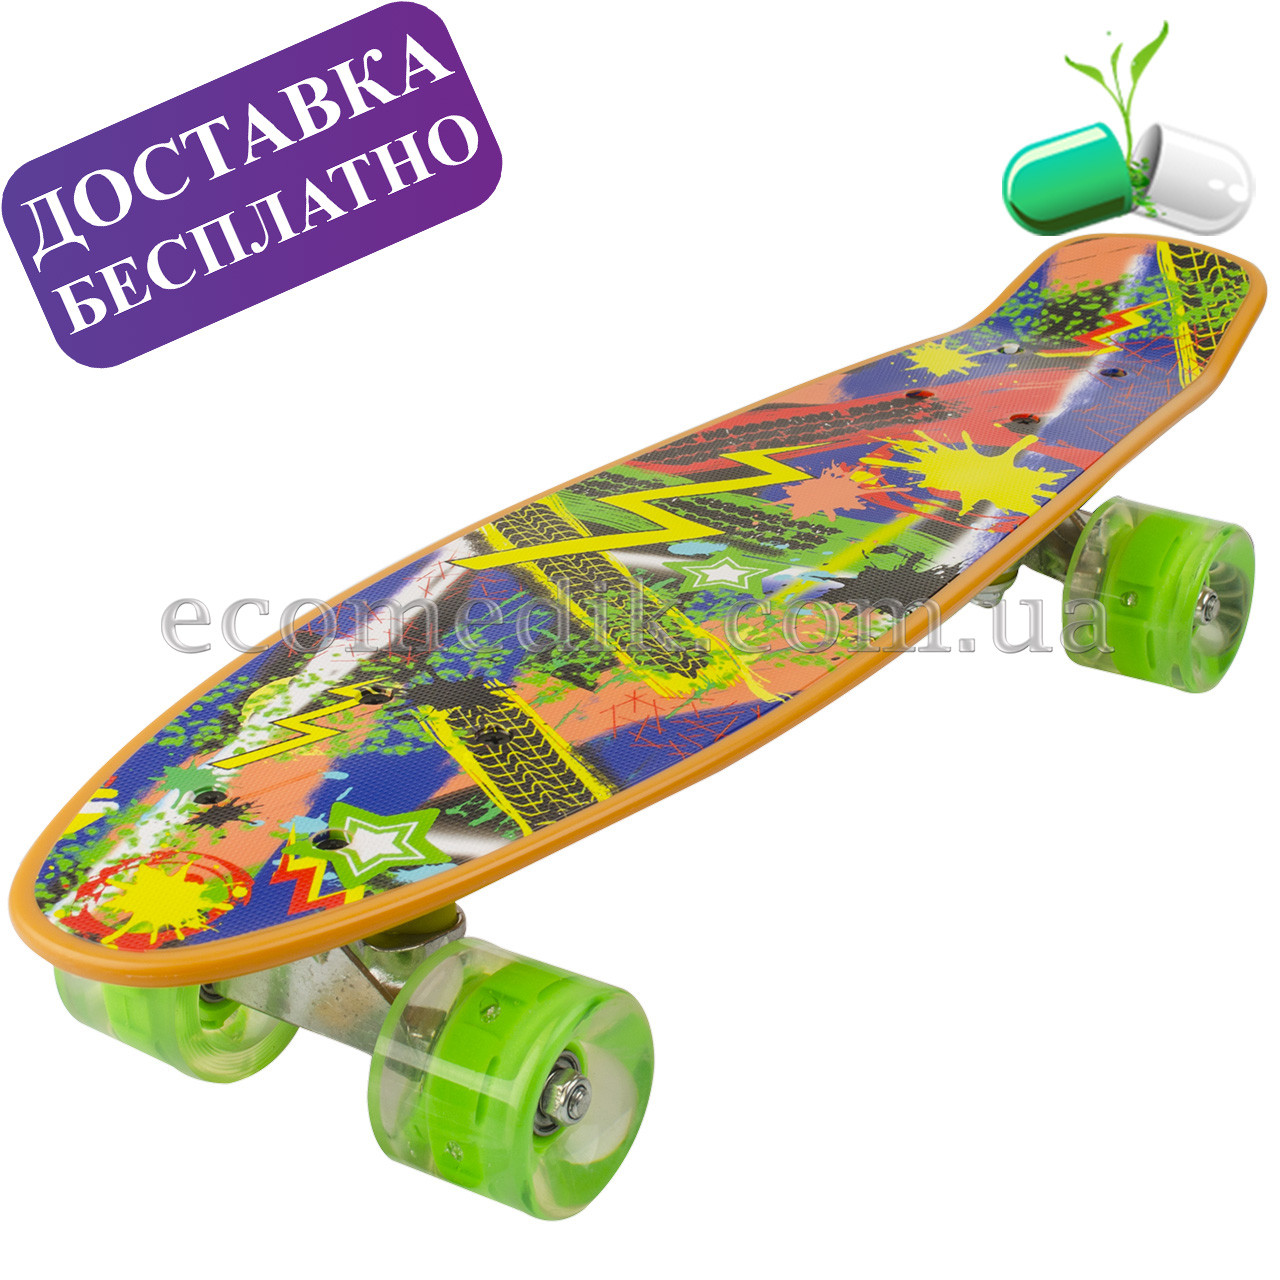 Крутой пенни борд с рисунком оранжевый бежевый со светящимися колесами penny skateboard 22